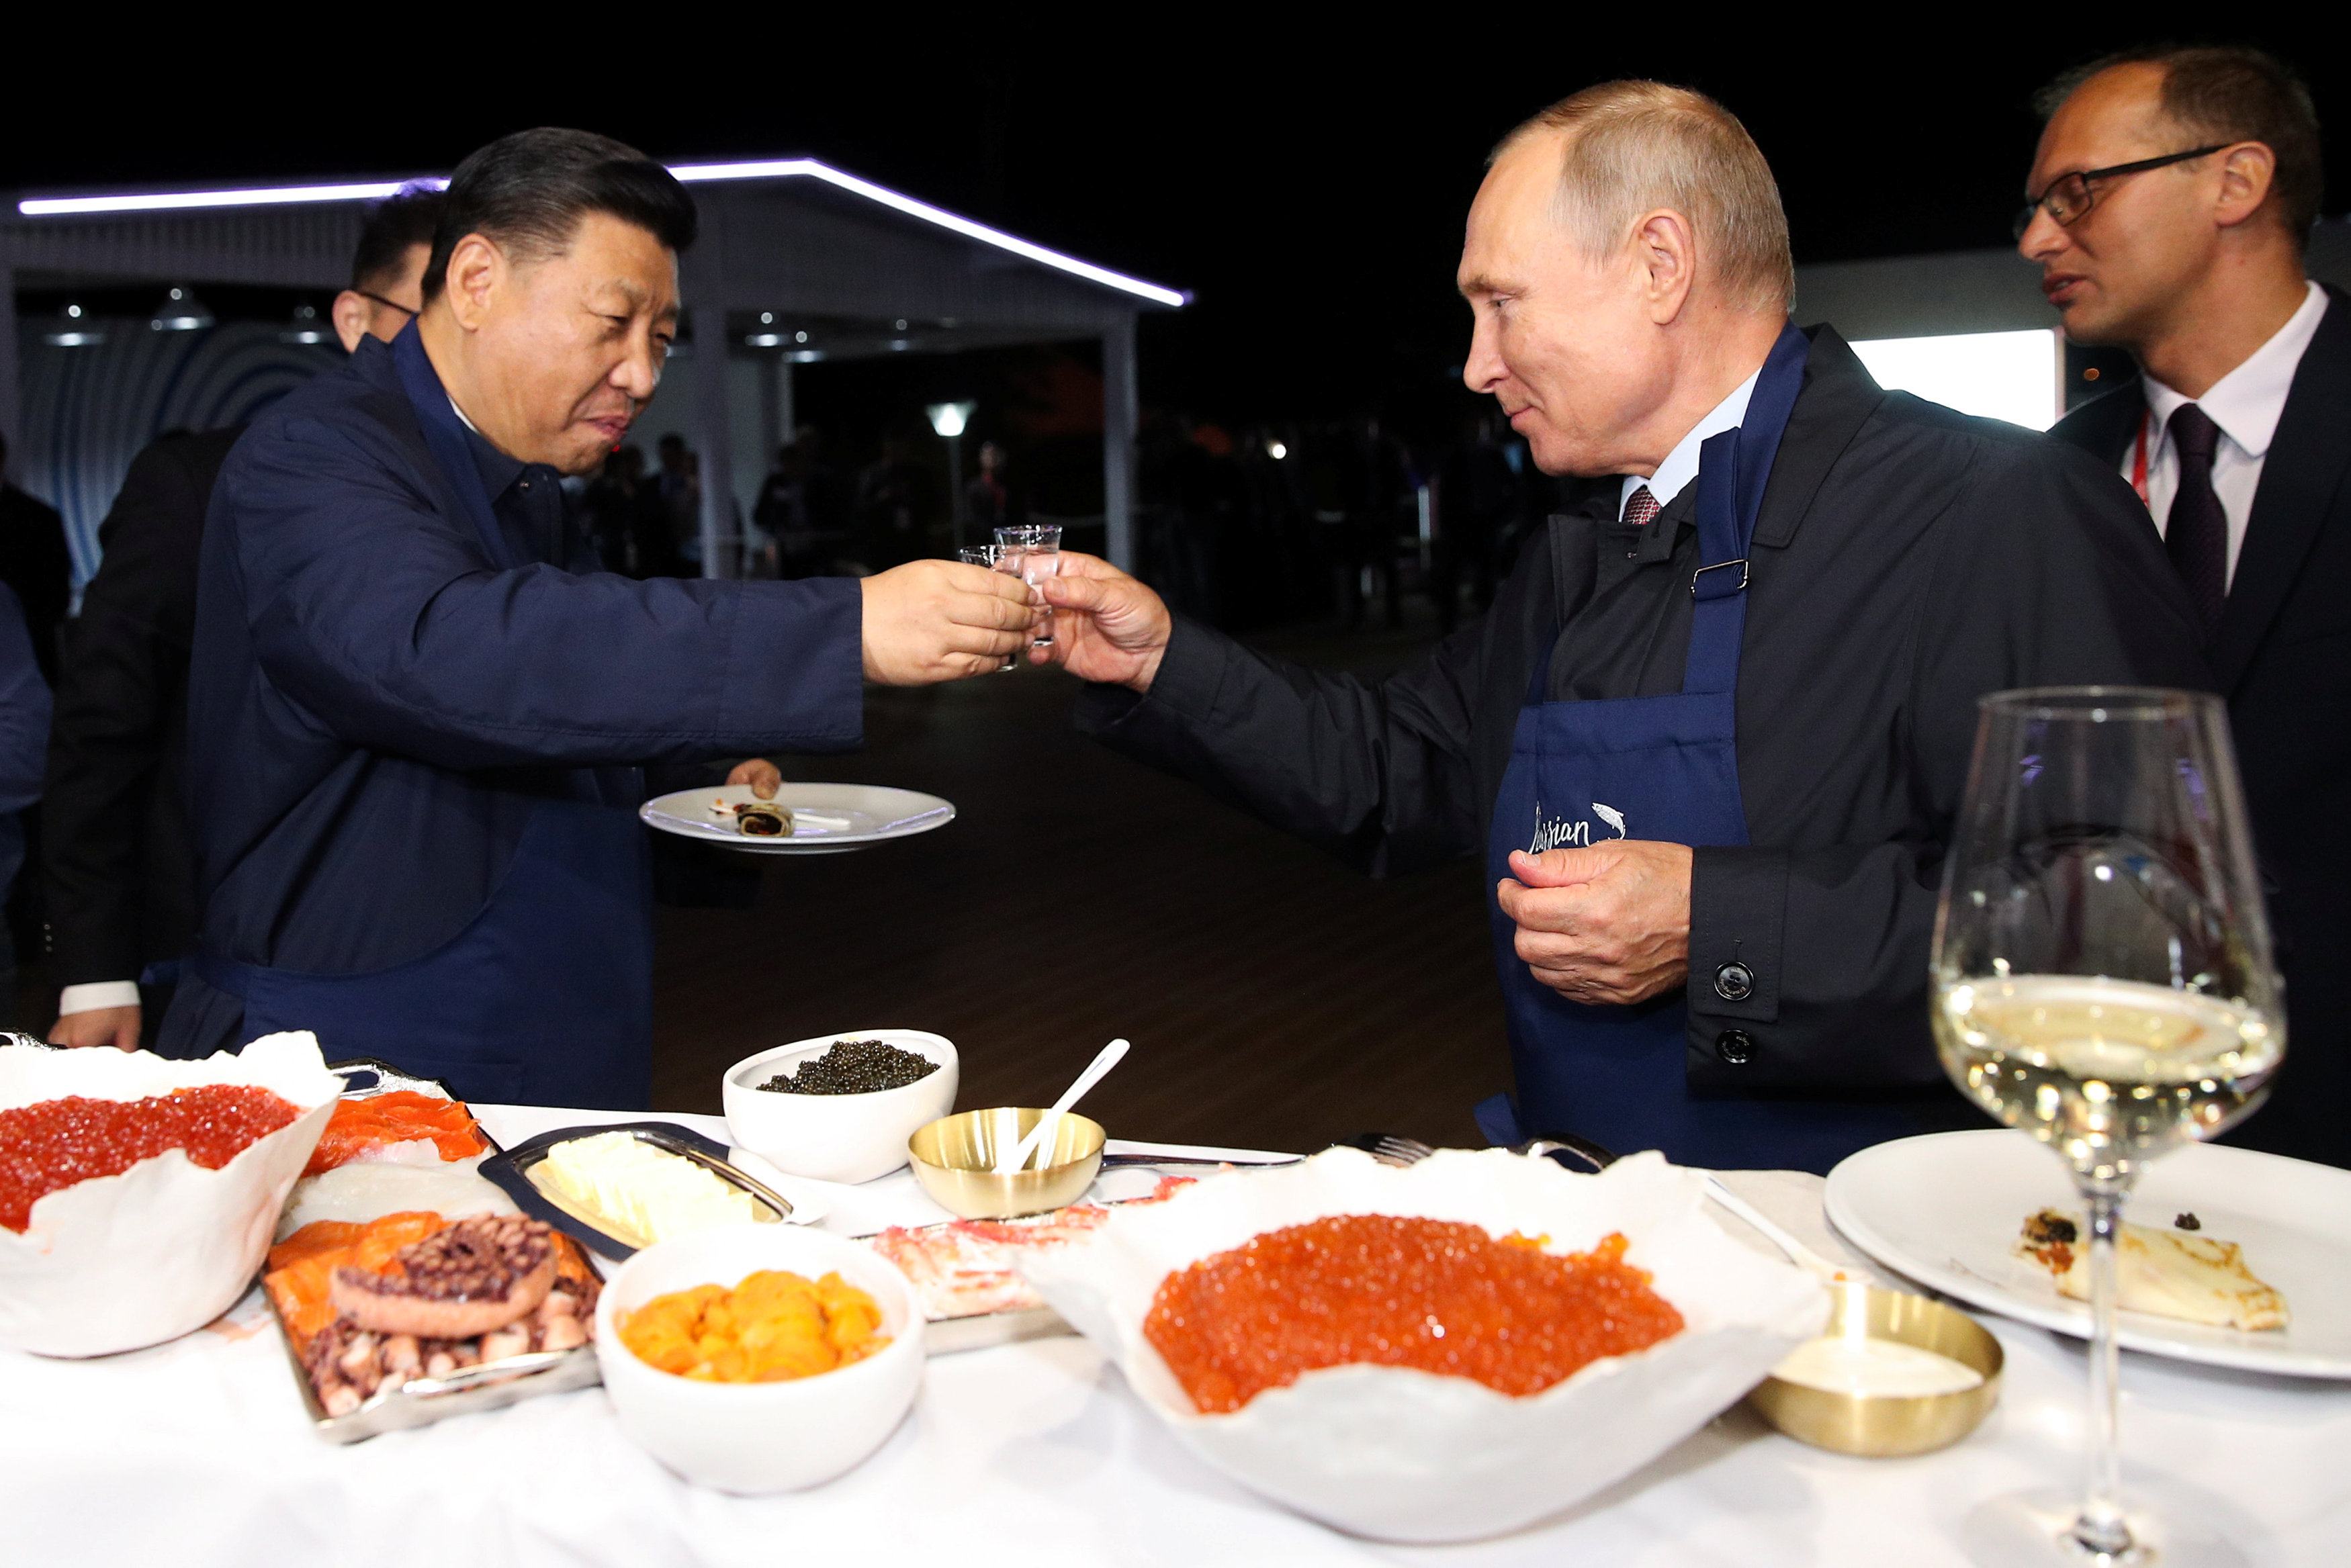 بوتين وشى يحتسيان الفودكا الروسية